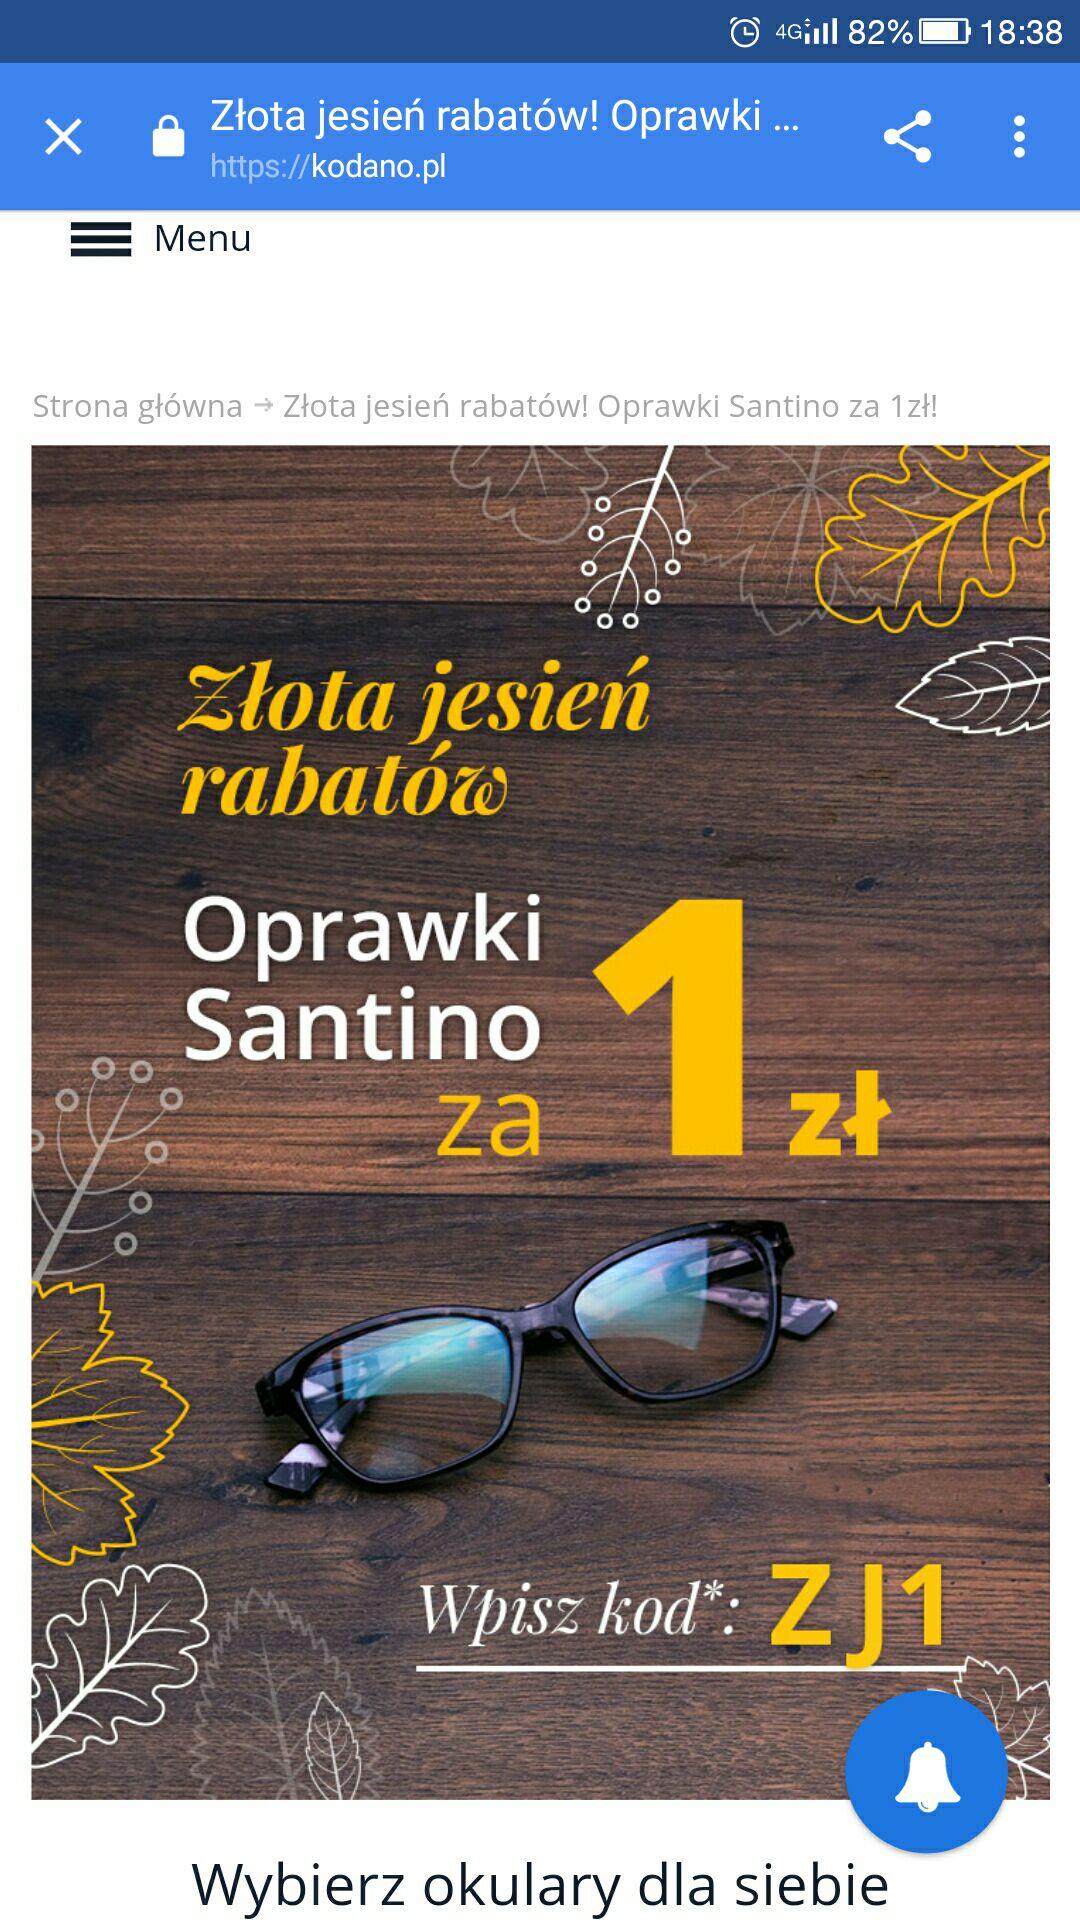 Oprawki Santino za 1 zł + szkła , TANIE OKULARY